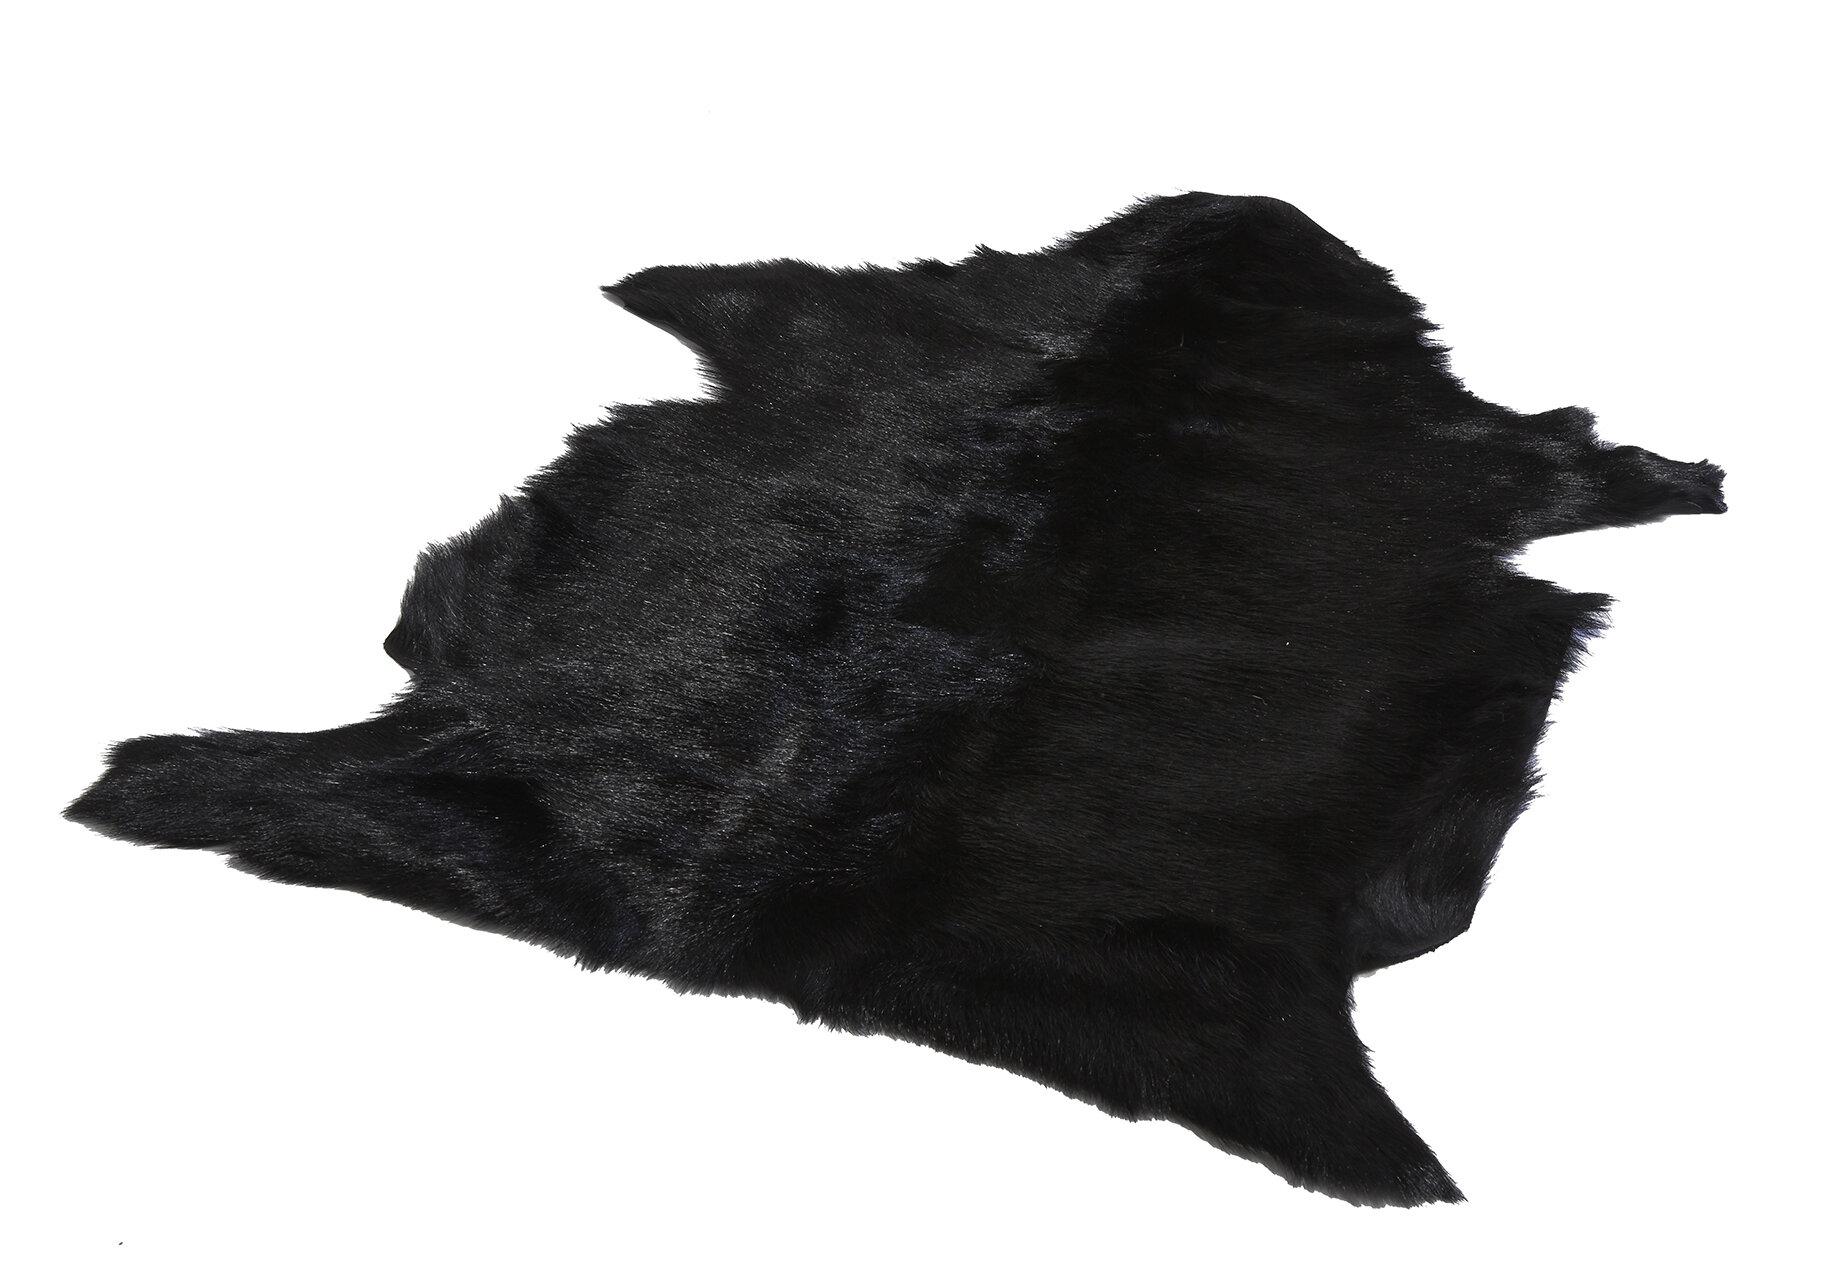 Decicco Black Rug